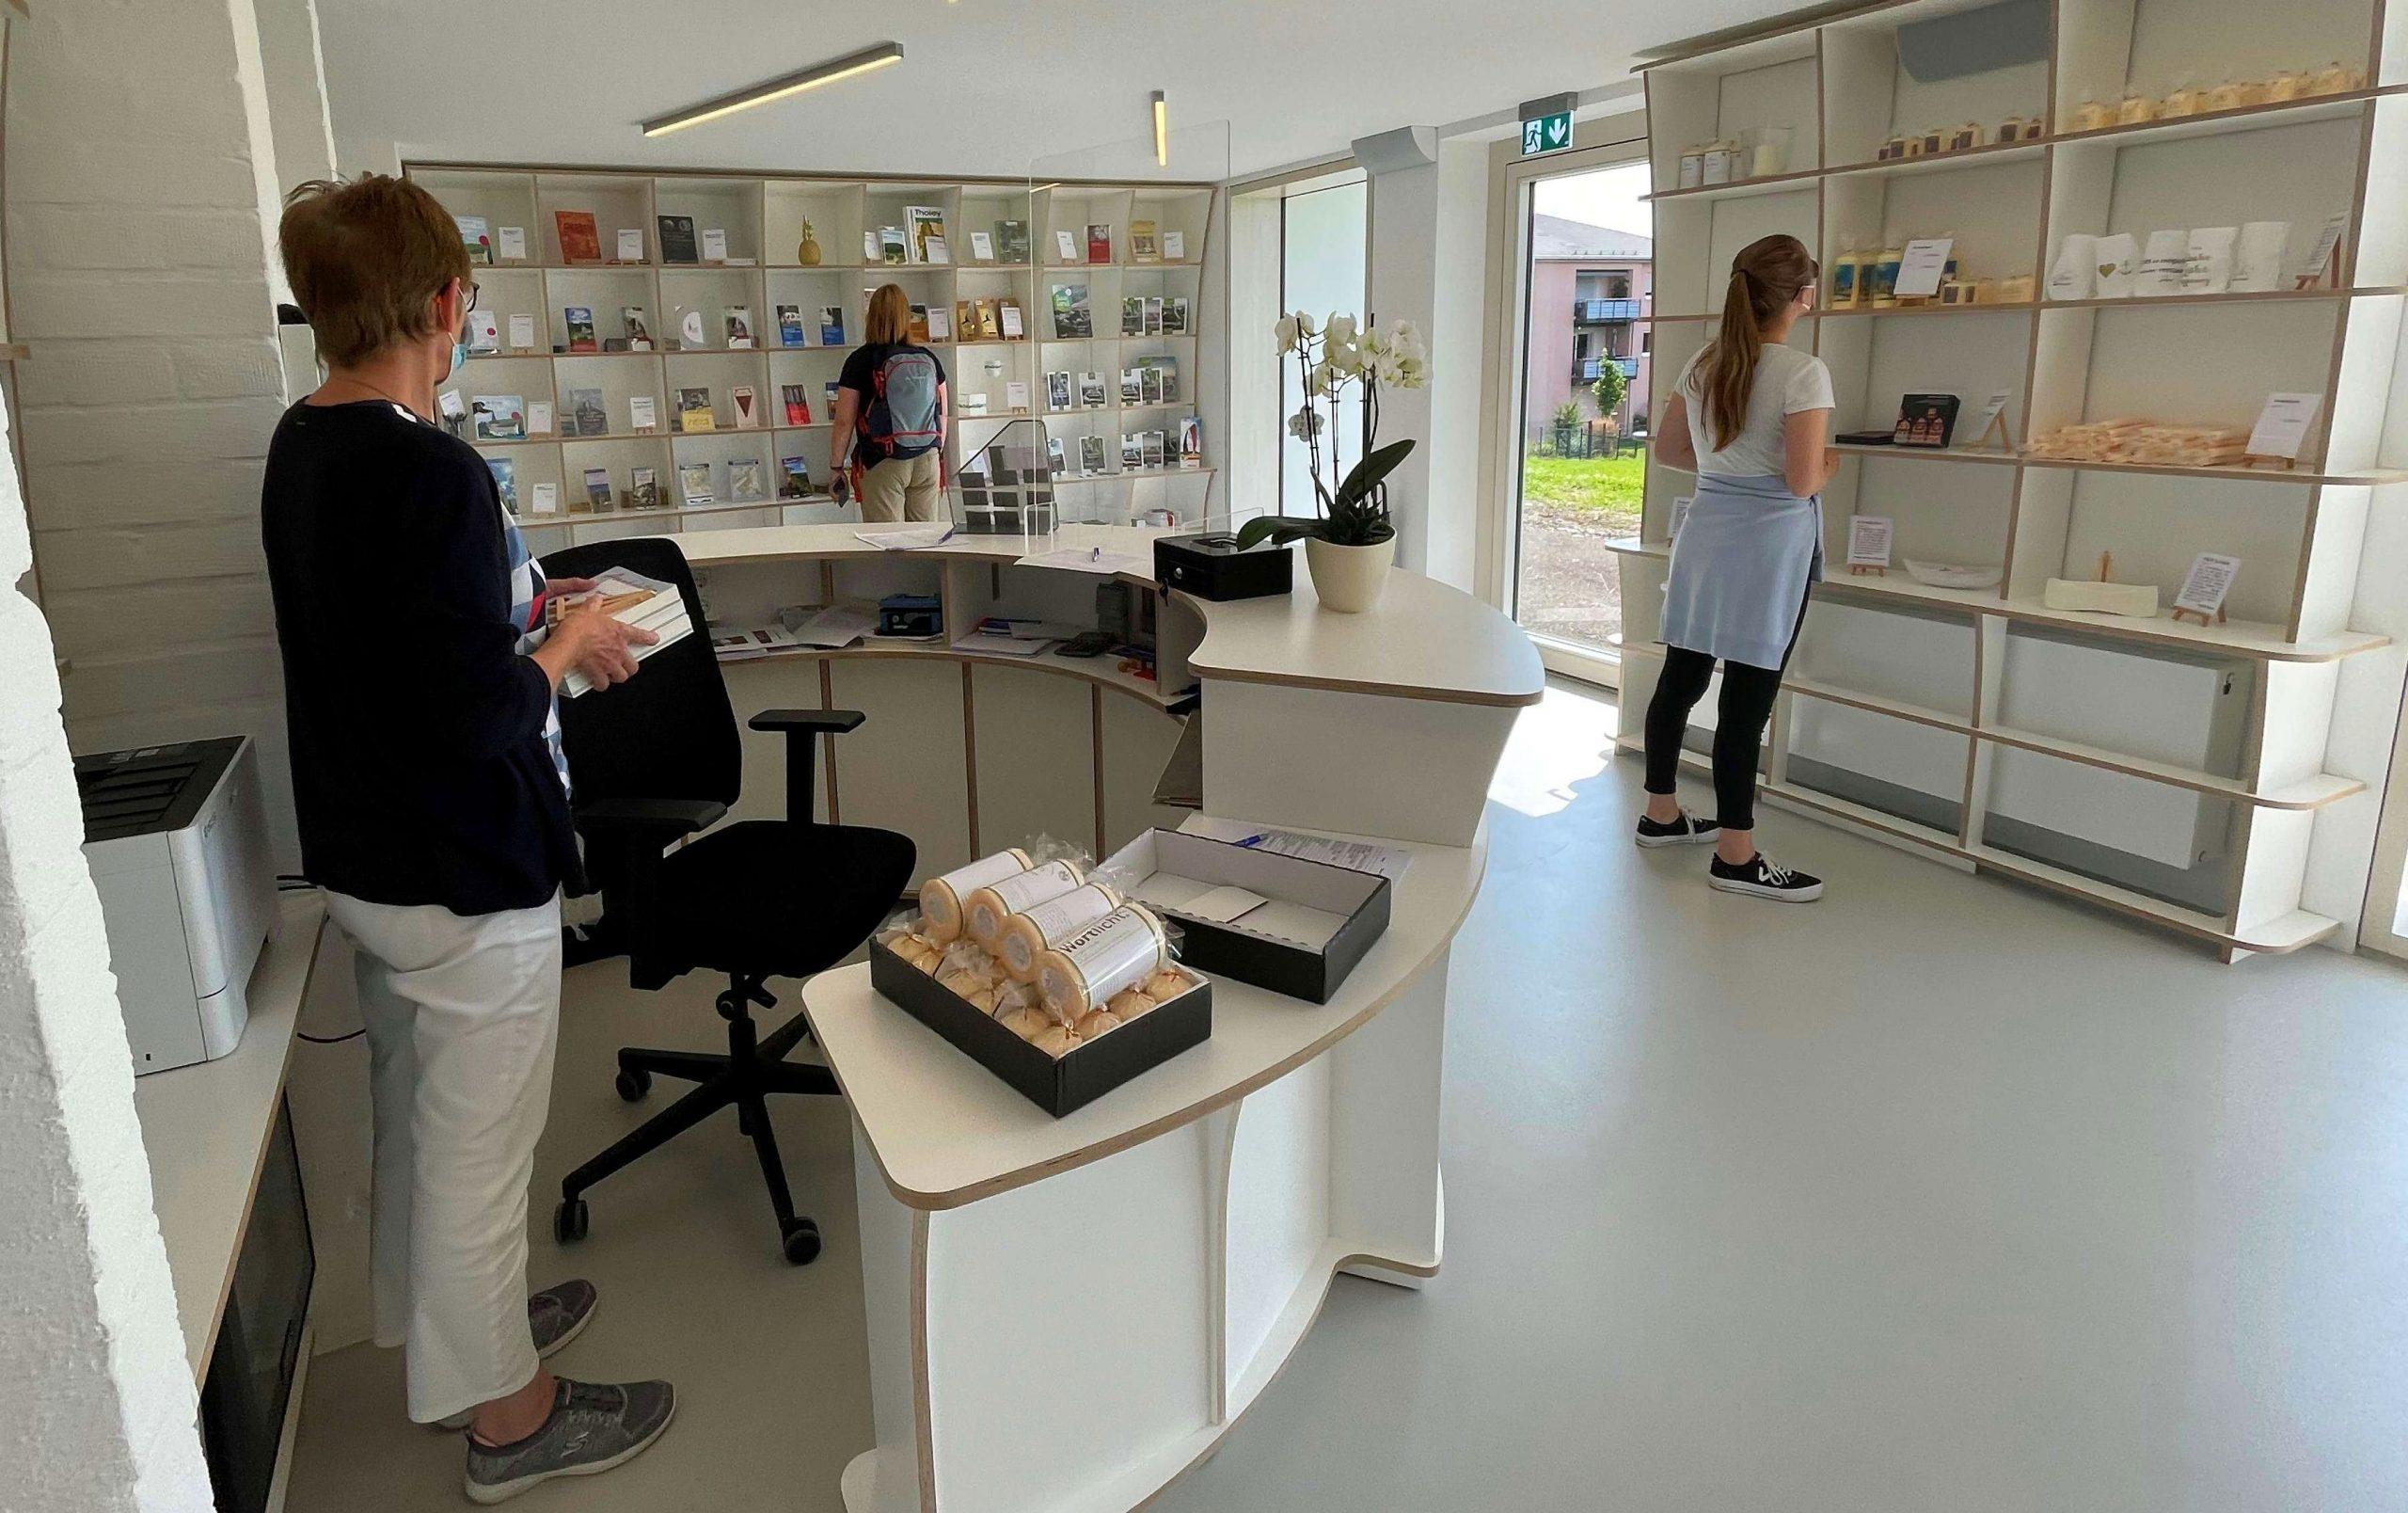 Die Gemeinde Tholey und die Benediktinerabtei haben im ehemaligen Schwesternhaus in Tholey in der Römerallee 5 ihre neue gemeinsame Tourist-Information eröffnet